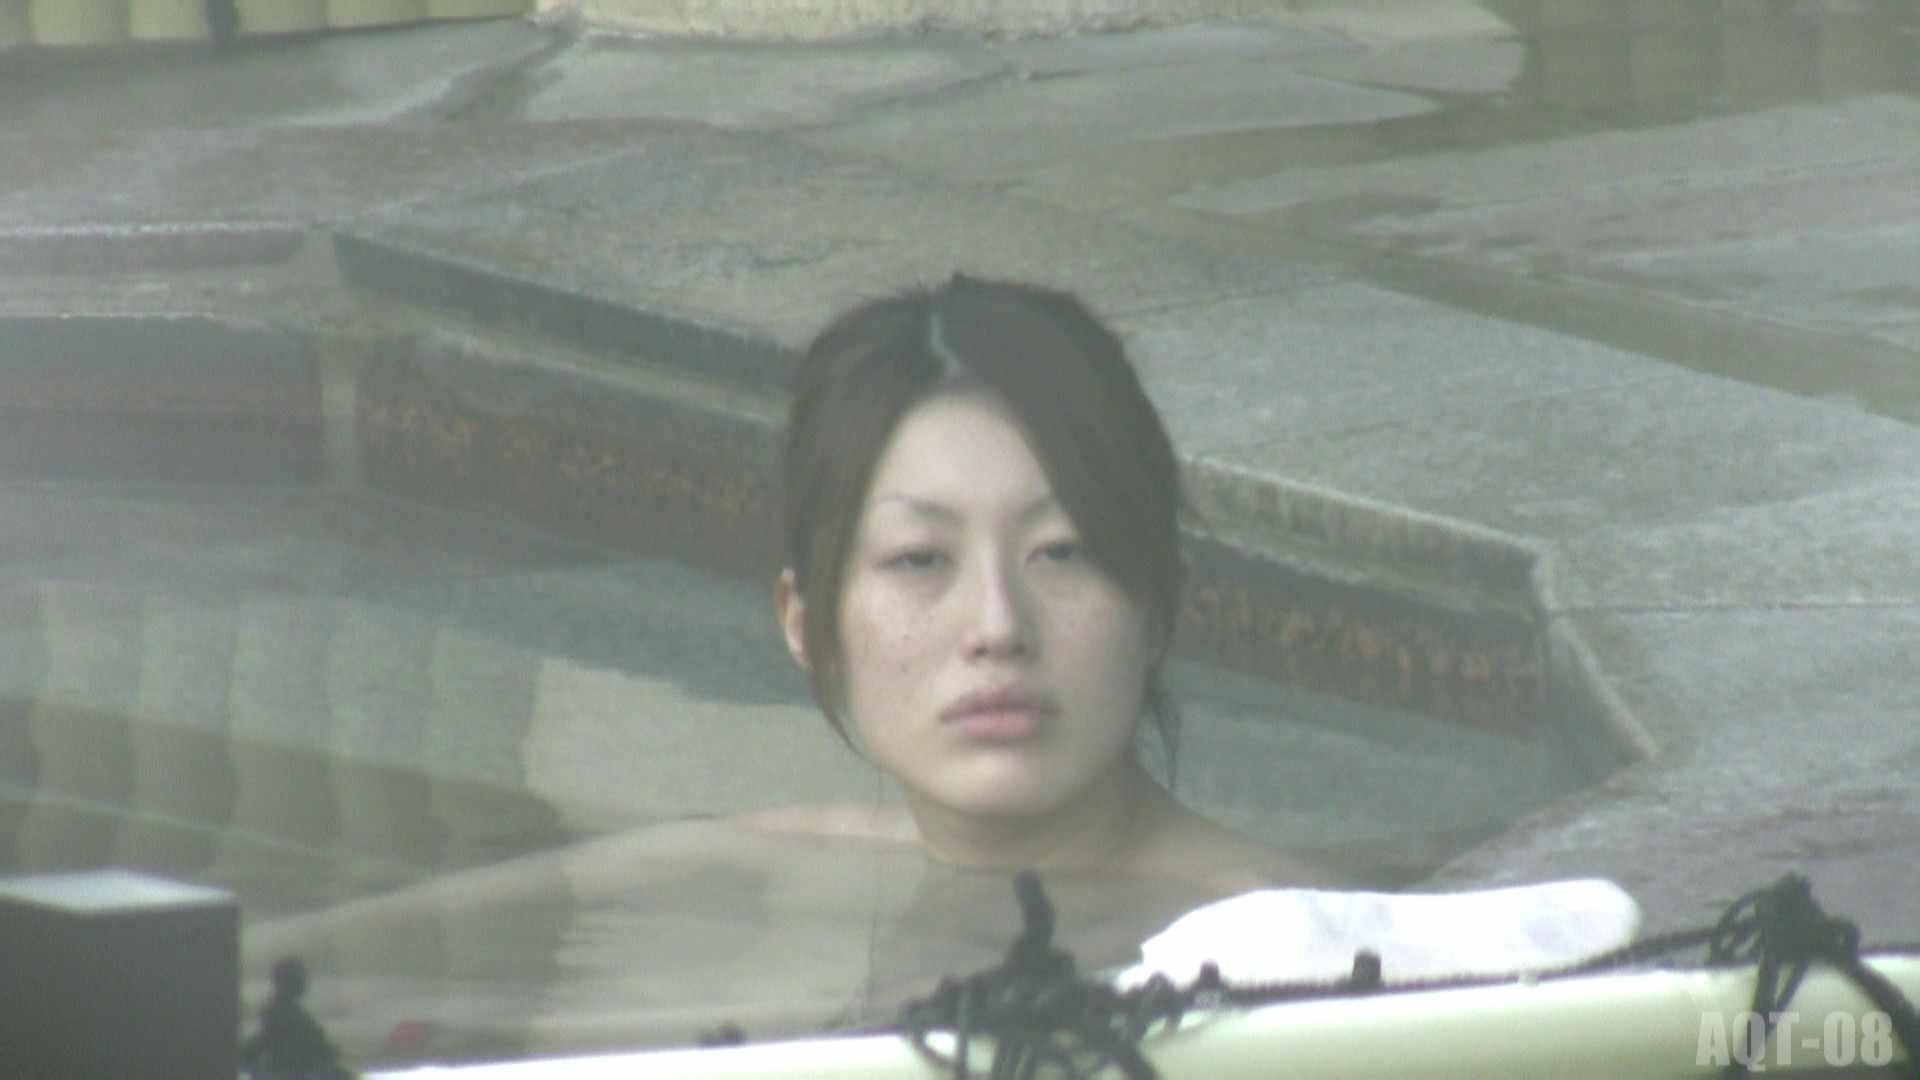 Aquaな露天風呂Vol.775 美しいOLの裸体  98pic 72